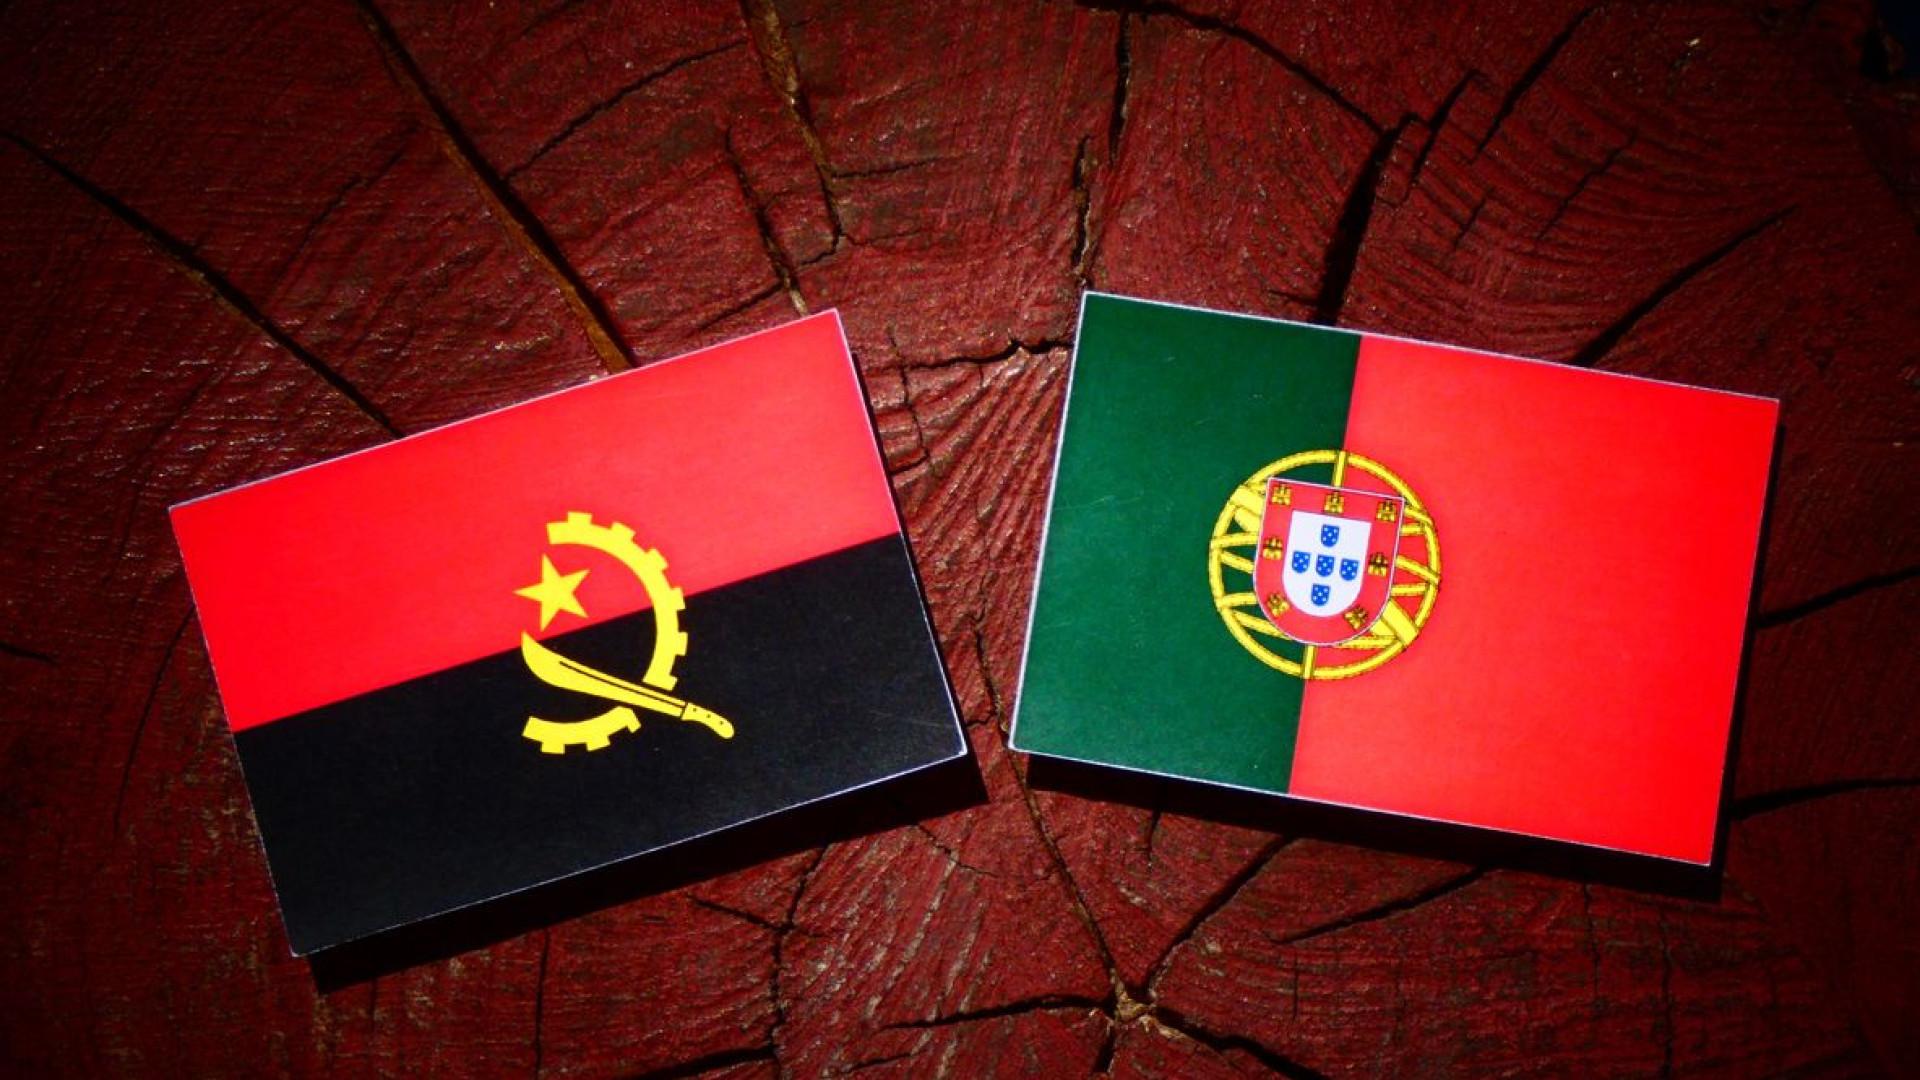 Compras de Portugal a Angola mais do que triplicaram em 2018